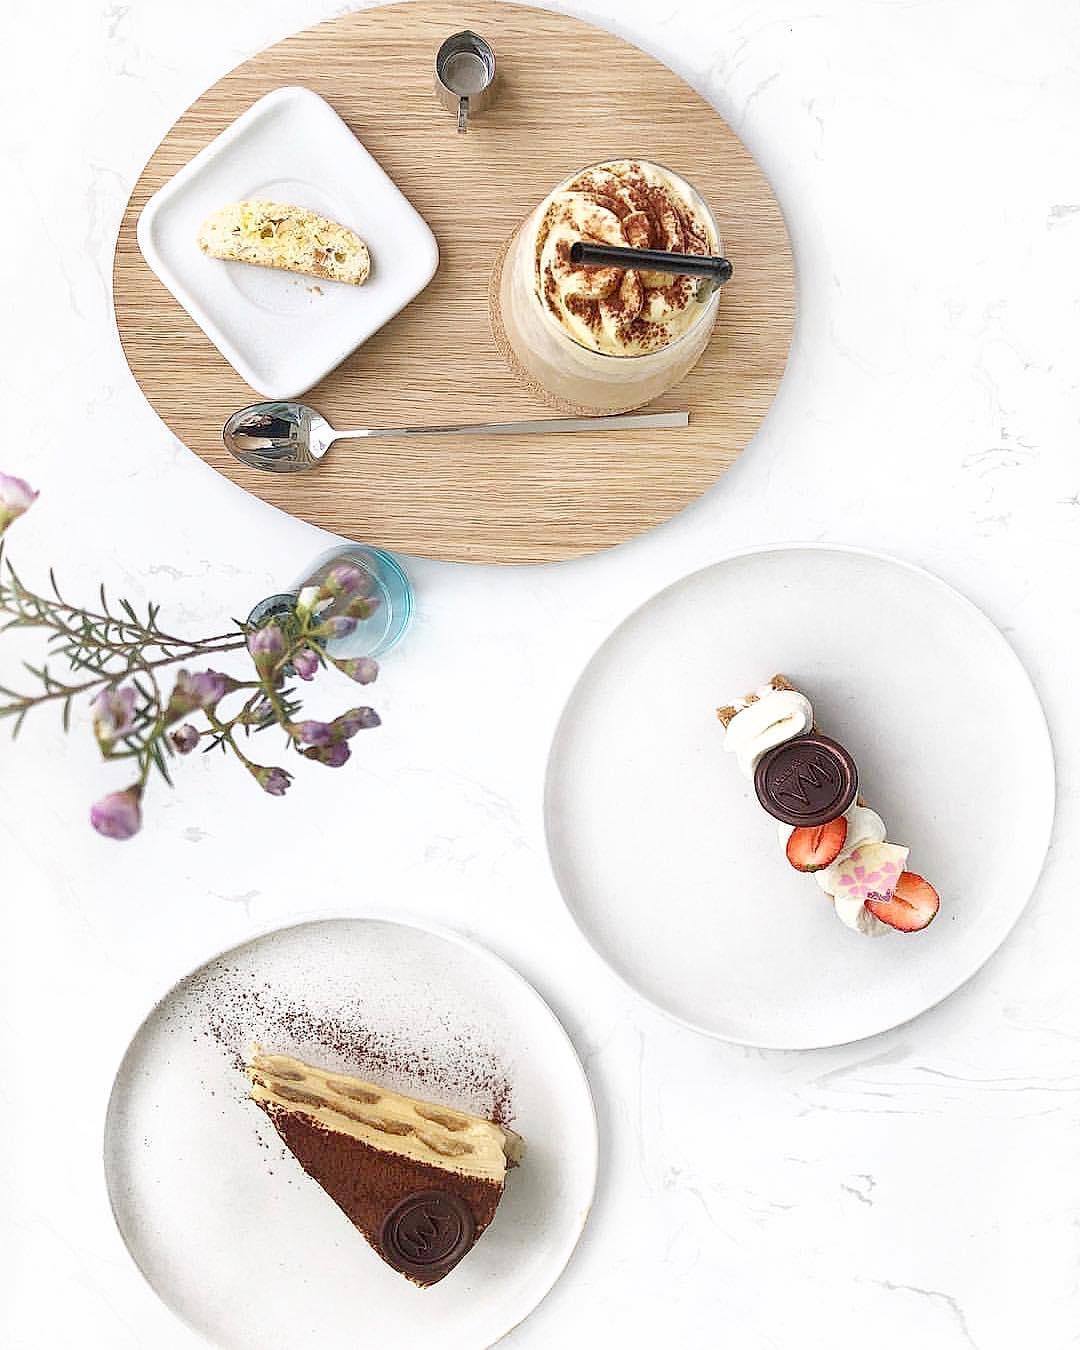 tiệm bánh ngọt Miyama cafe elledecorationvn 4